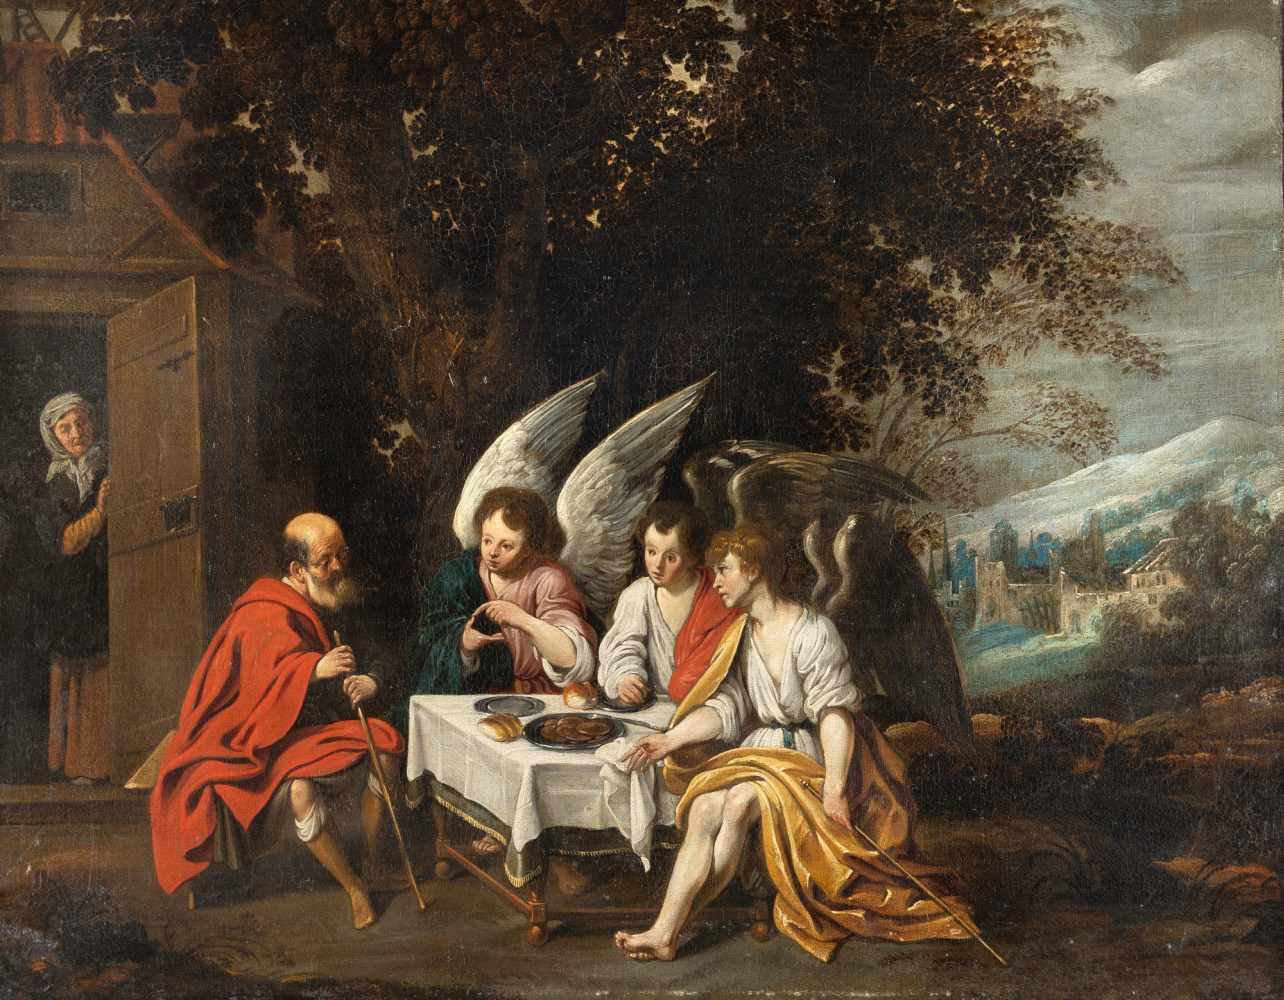 Abraham Van Diepenbeeck1596 Hertogenbosch - Antwerp 1675Abraham bewirtet die drei EngelÖl auf